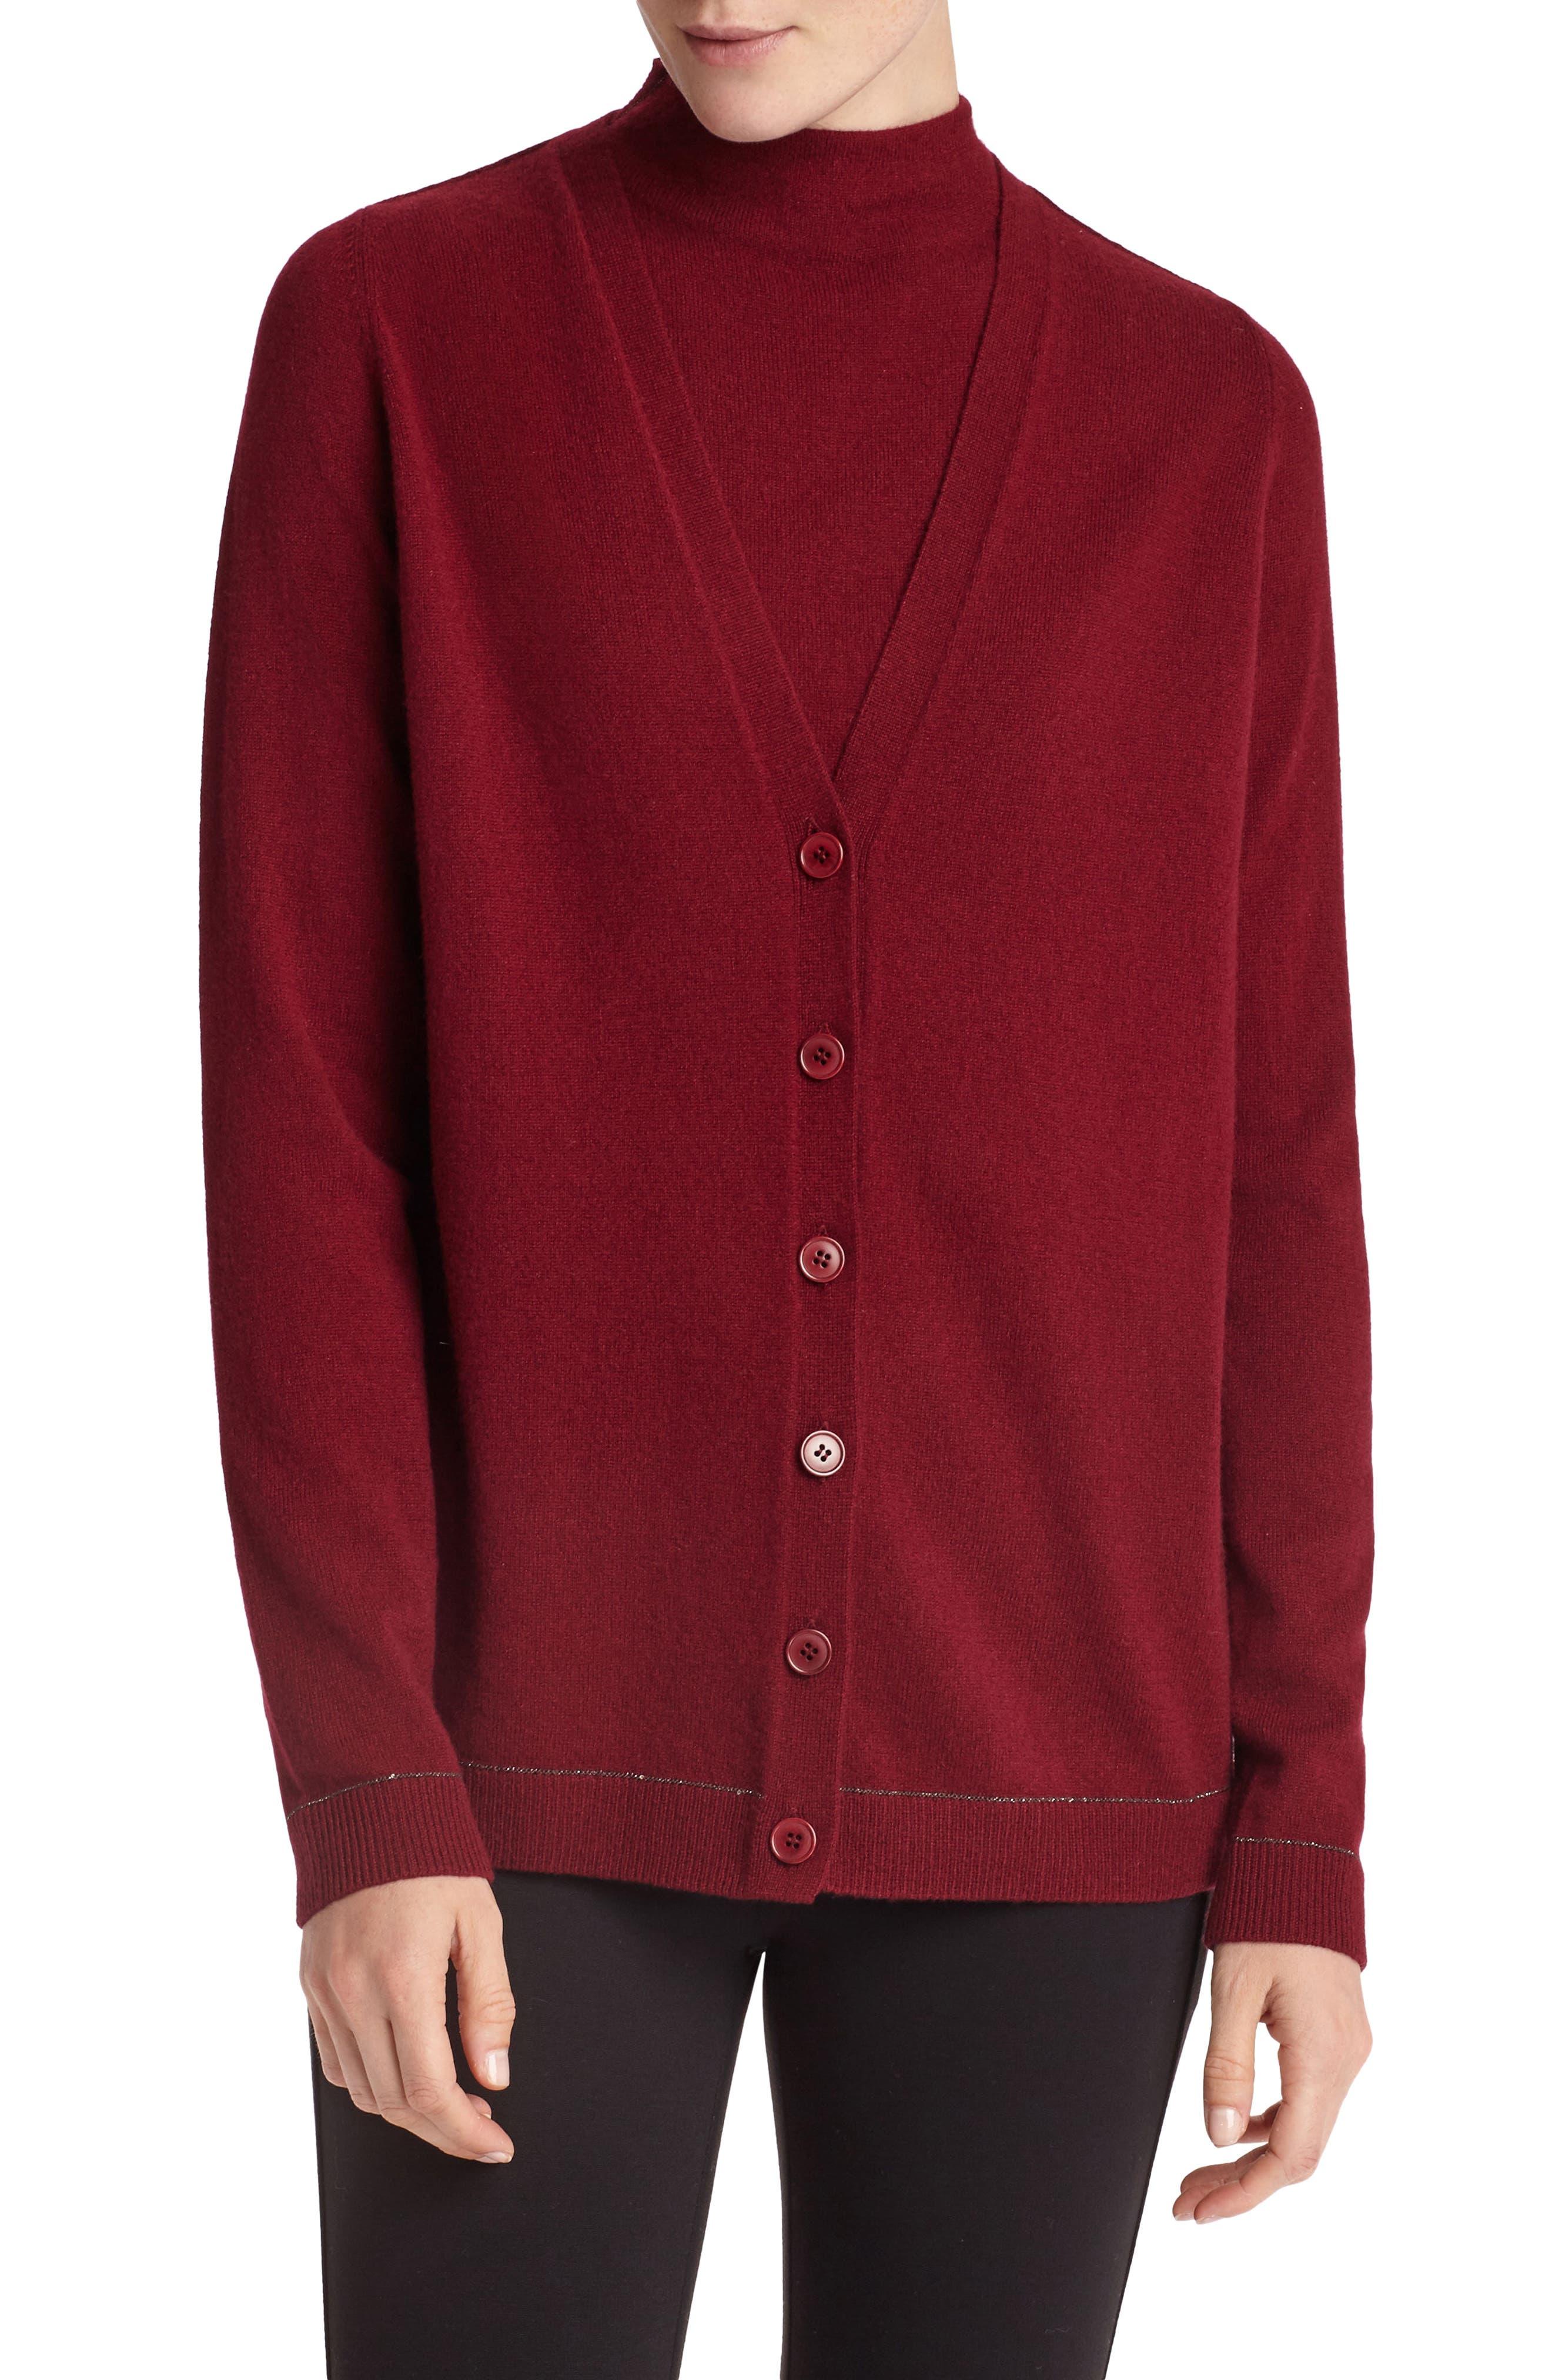 Sequin Trim Cashmere Mock Neck Sweater,                             Main thumbnail 1, color,                             934